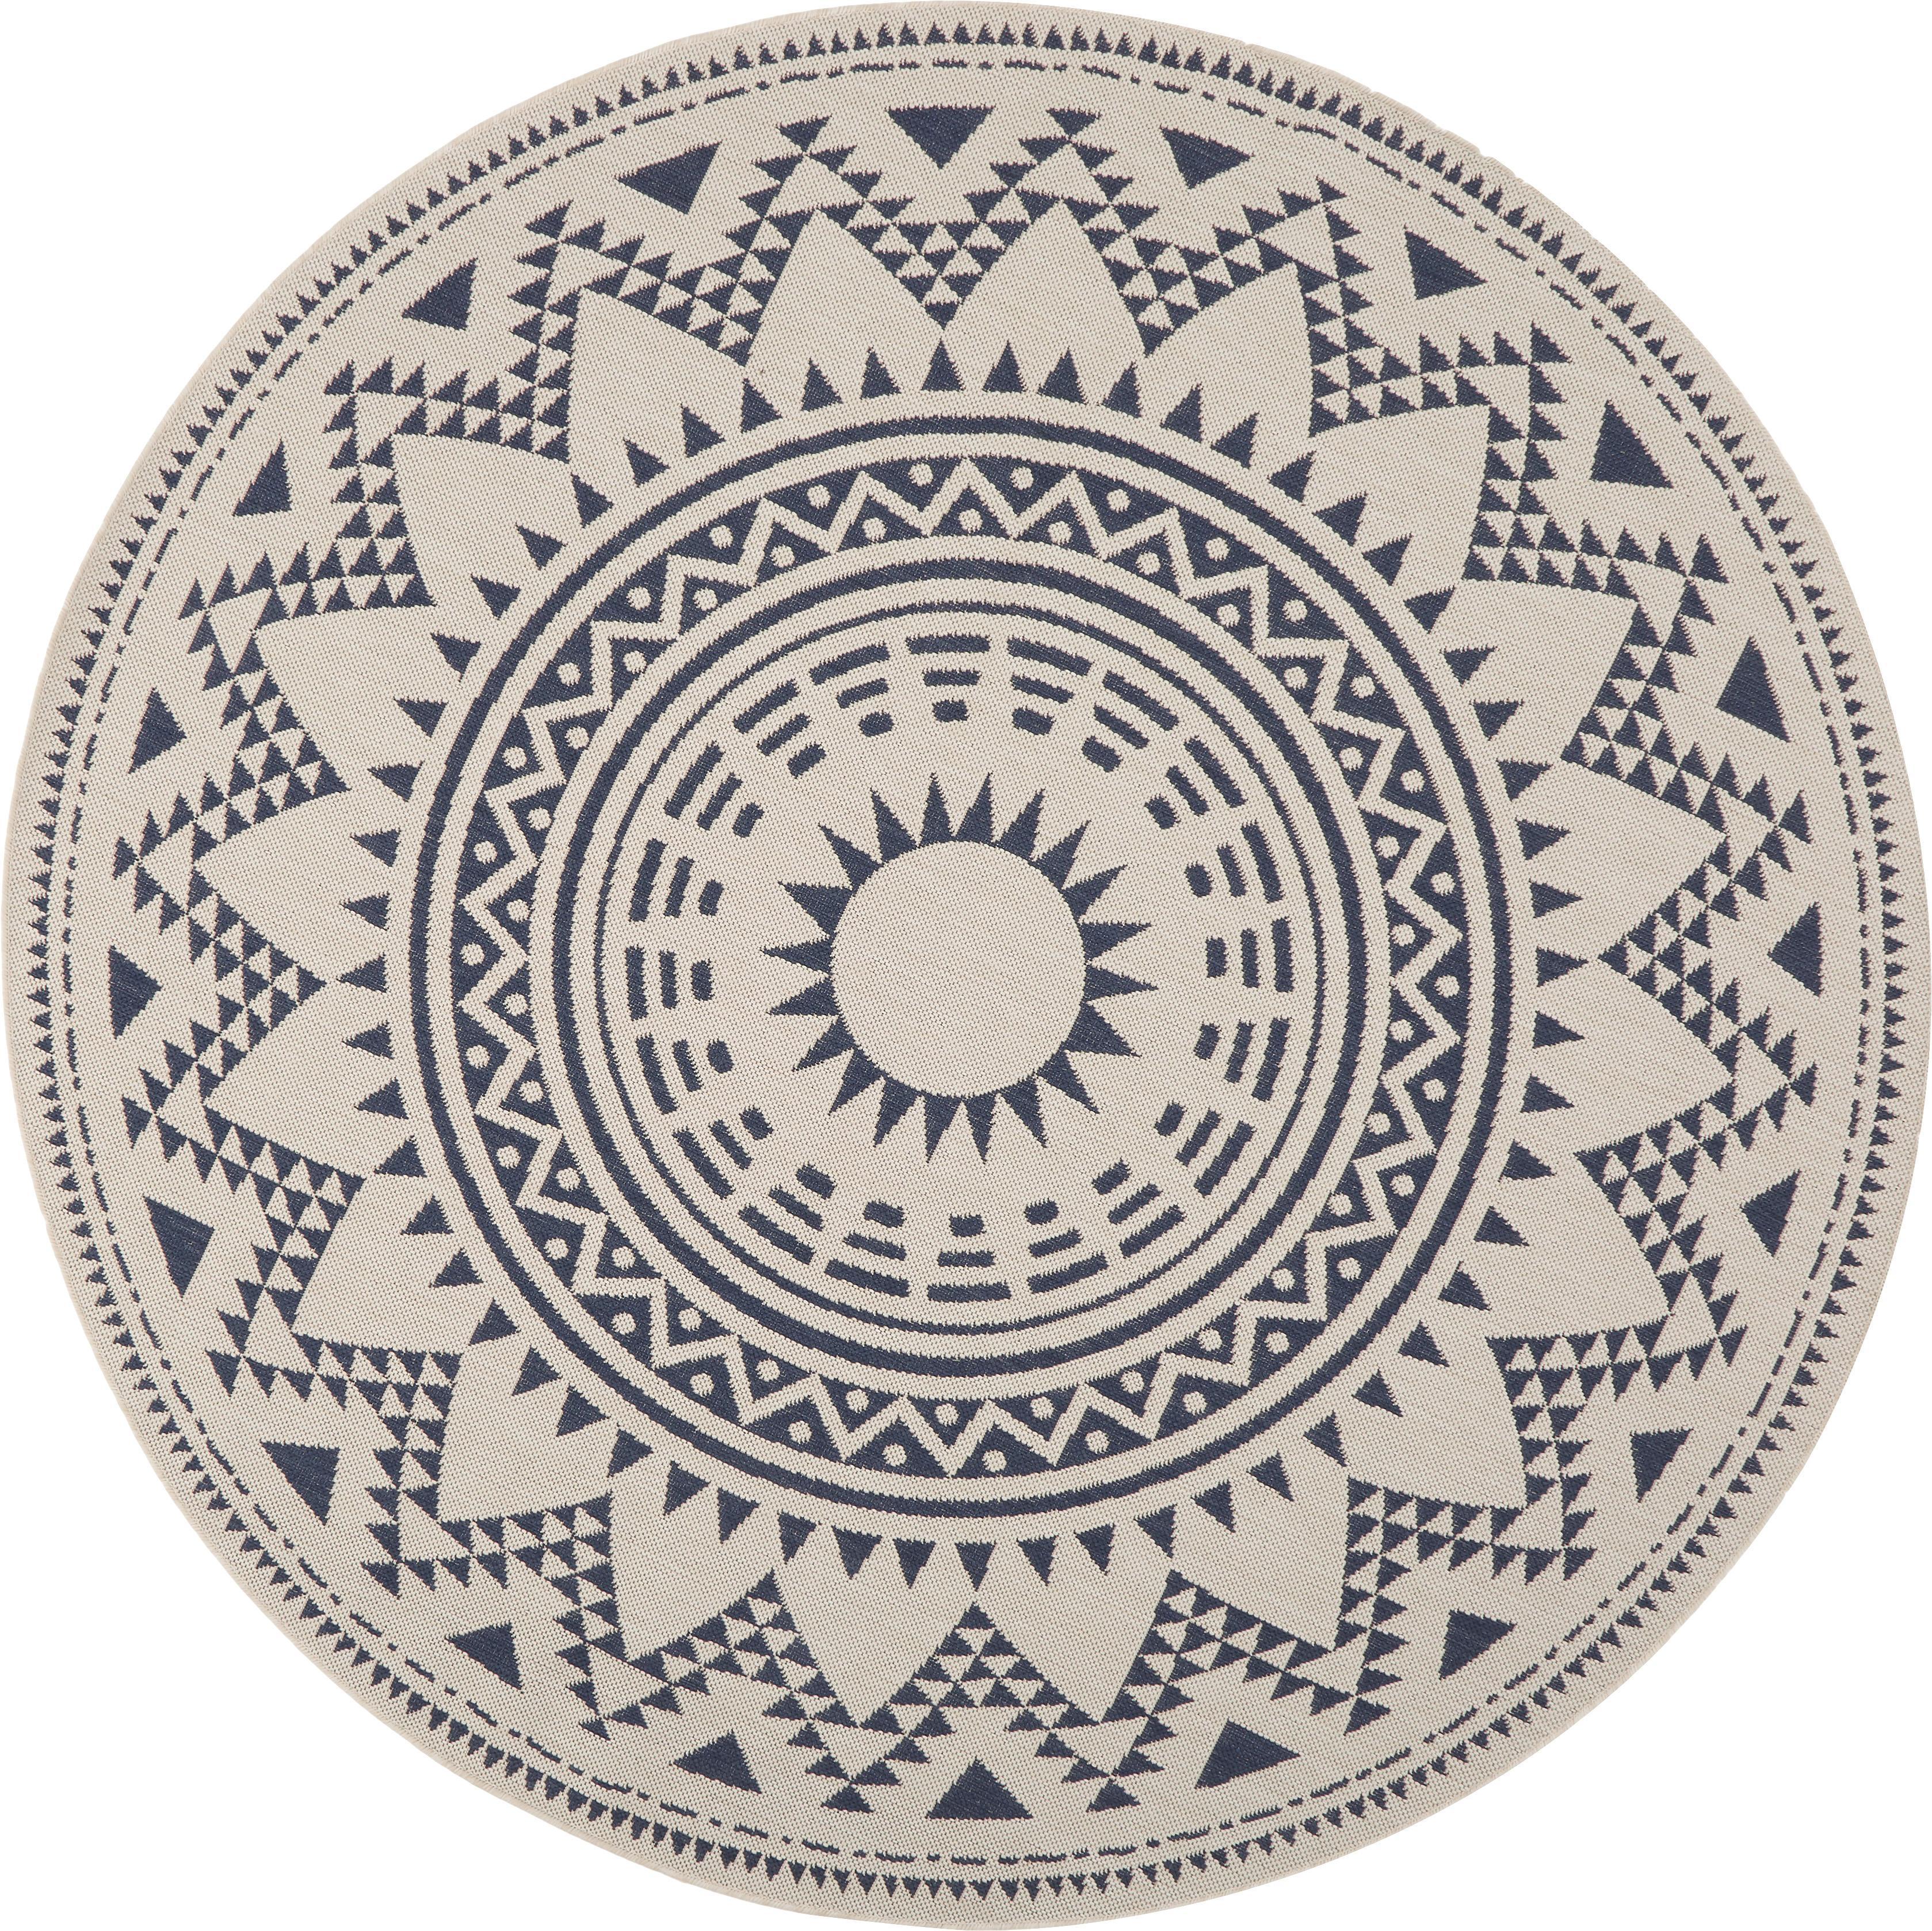 Runder In- & Outdoor-Teppich Arre im Ethno Style, 100% Polypropylen, Weiß, Blau, Ø 200 cm (Größe L)